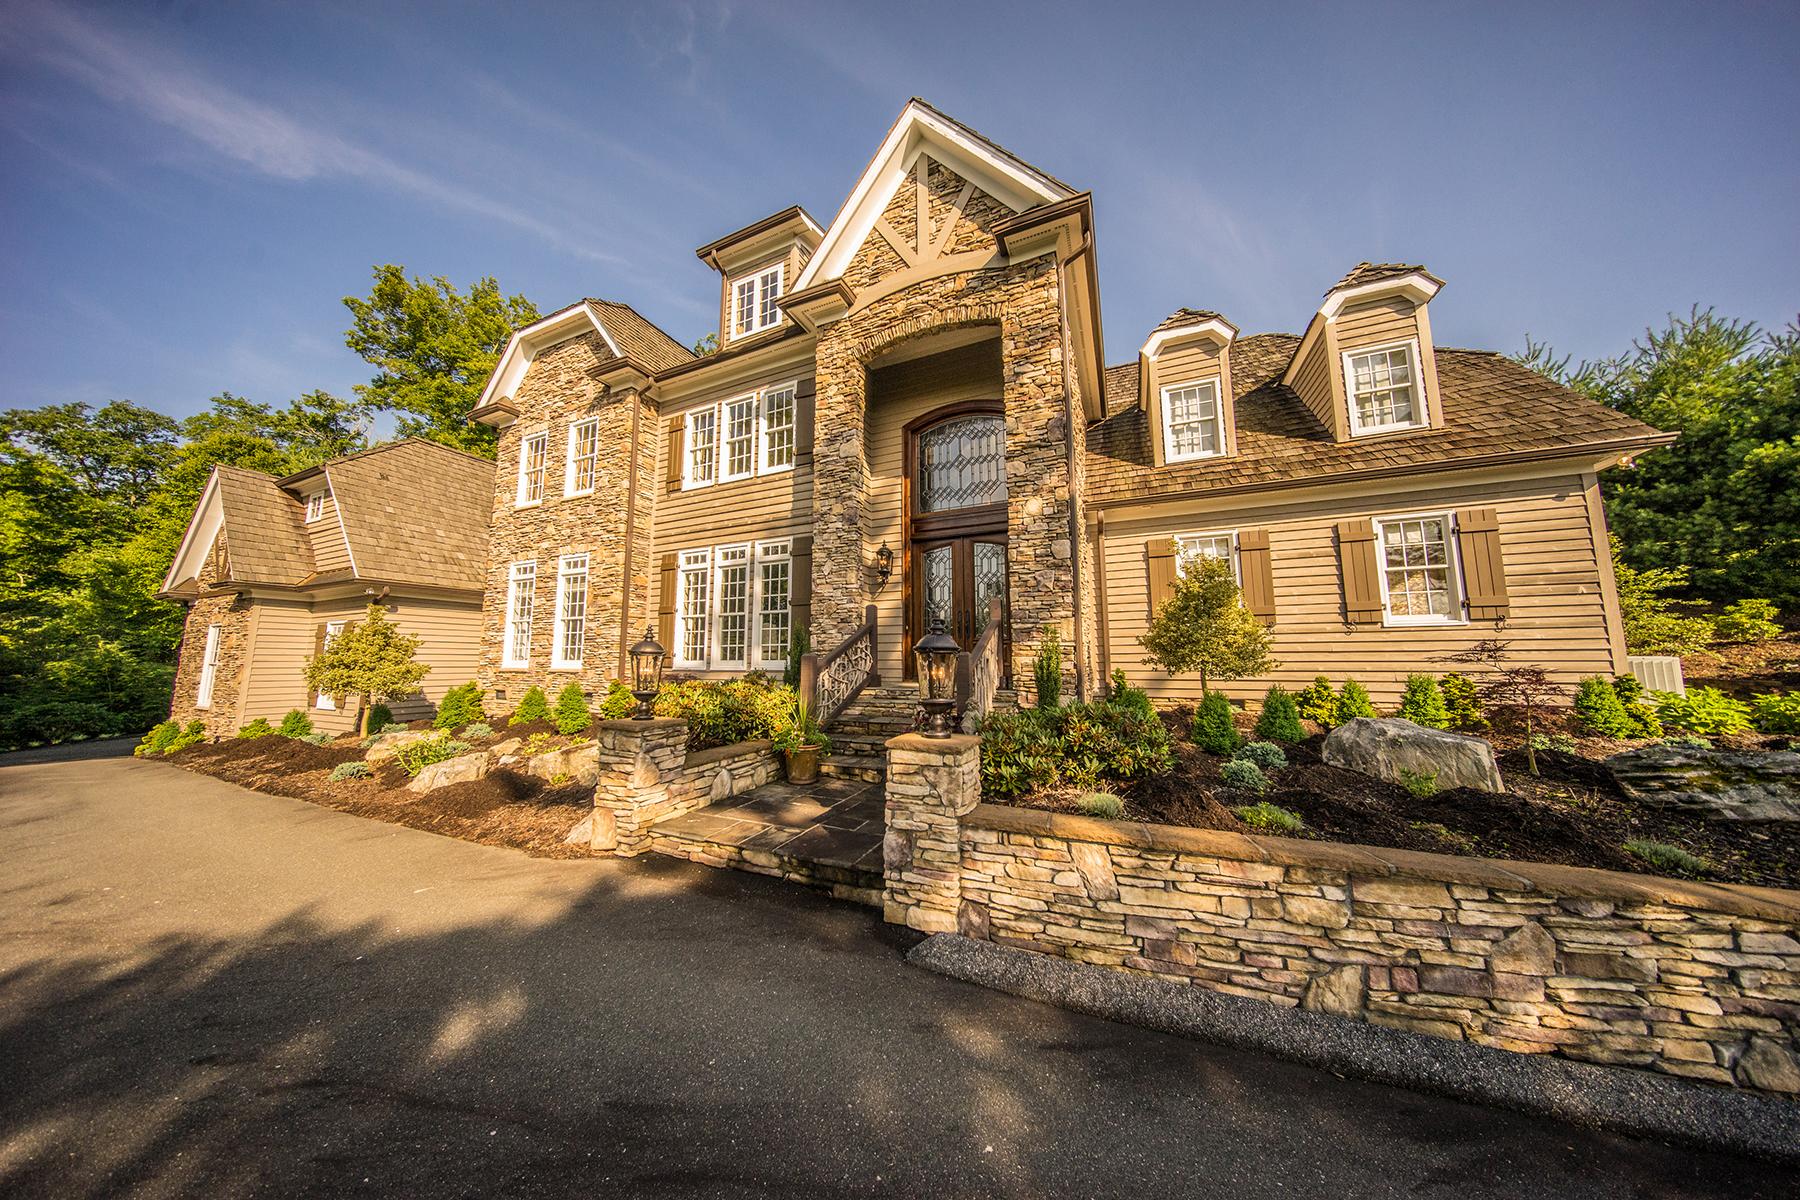 Einfamilienhaus für Verkauf beim BLOWING ROCK - TIMBER CREEK 303 Timber Creek Drive Blowing Rock, North Carolina, 28605 Vereinigte Staaten